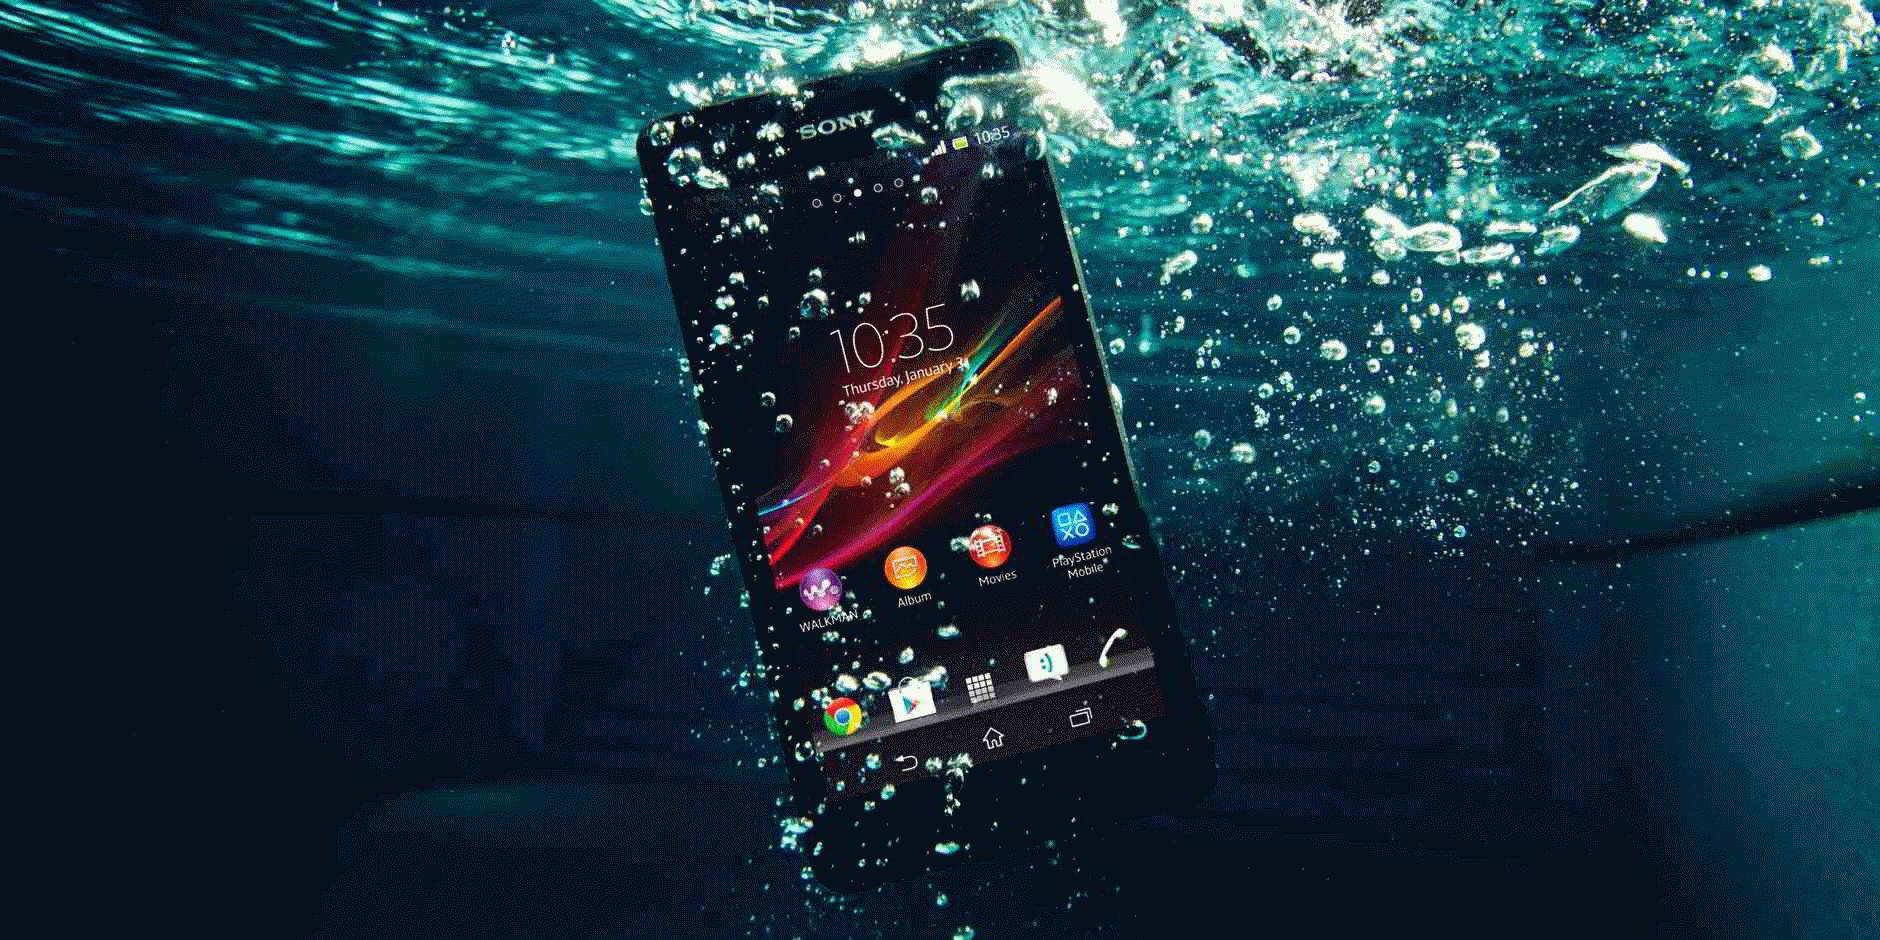 Топ-рейтинг лучших защищенных смартфонов 2019 по цене и качеству